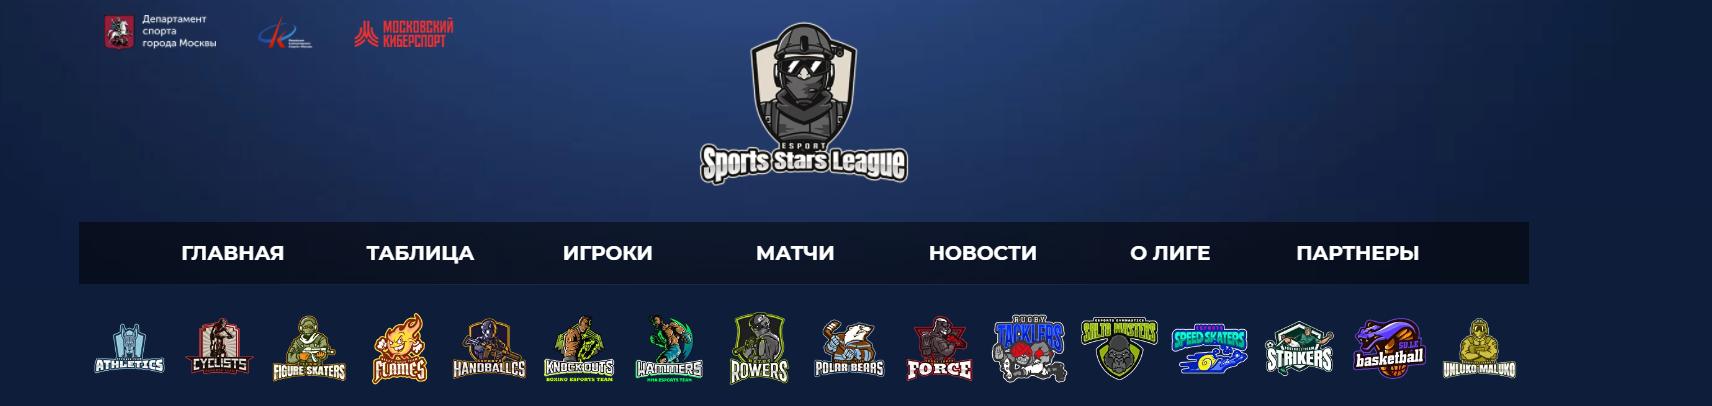 Команда Дмитрия Алиева поднялась на третье место «Лиги звезд спорта»